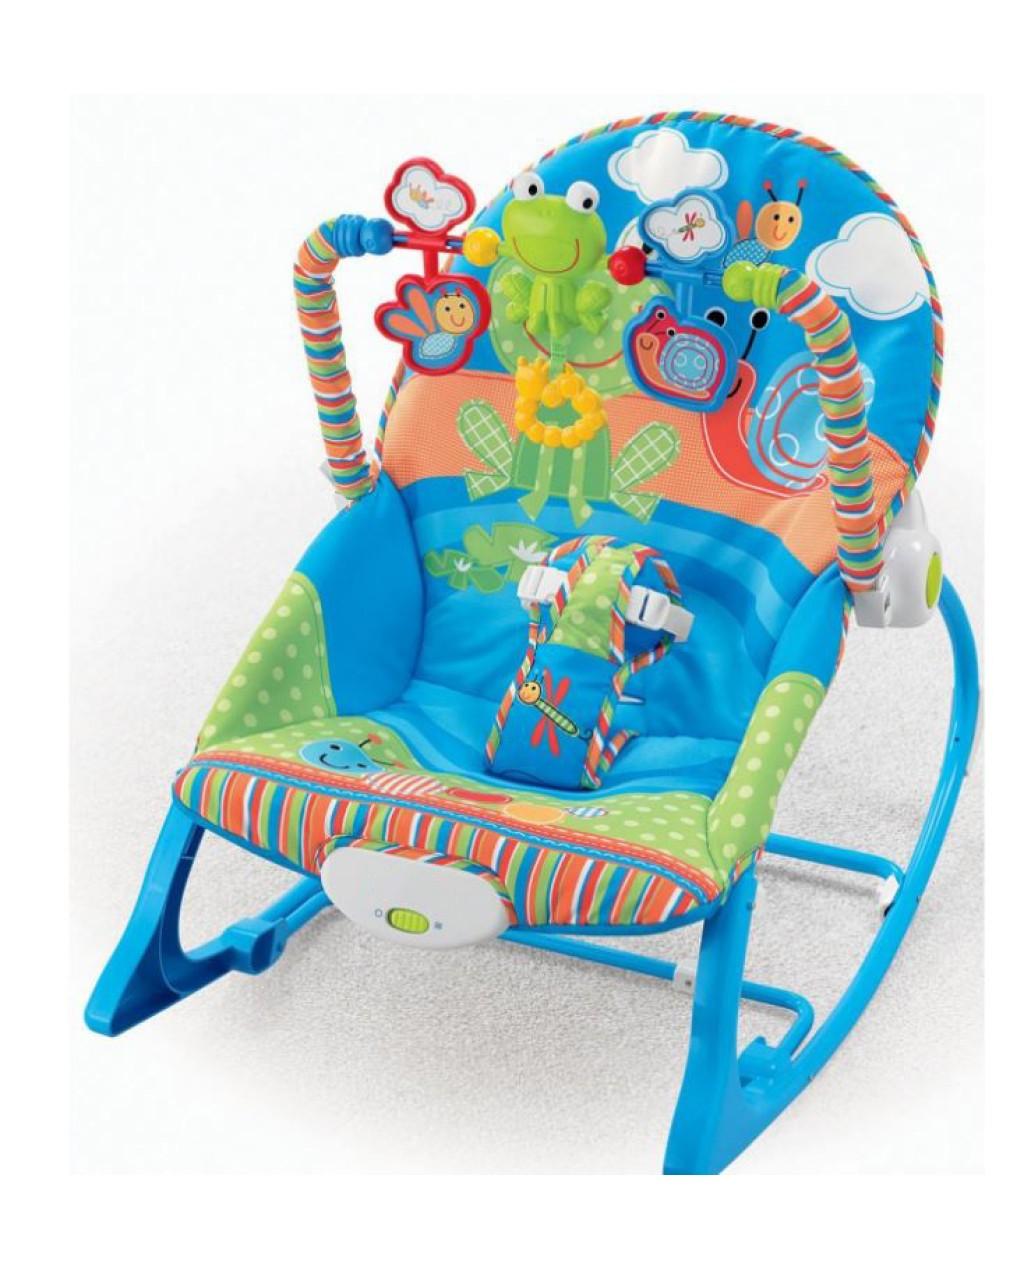 Fullsize Of Infant To Toddler Rocker